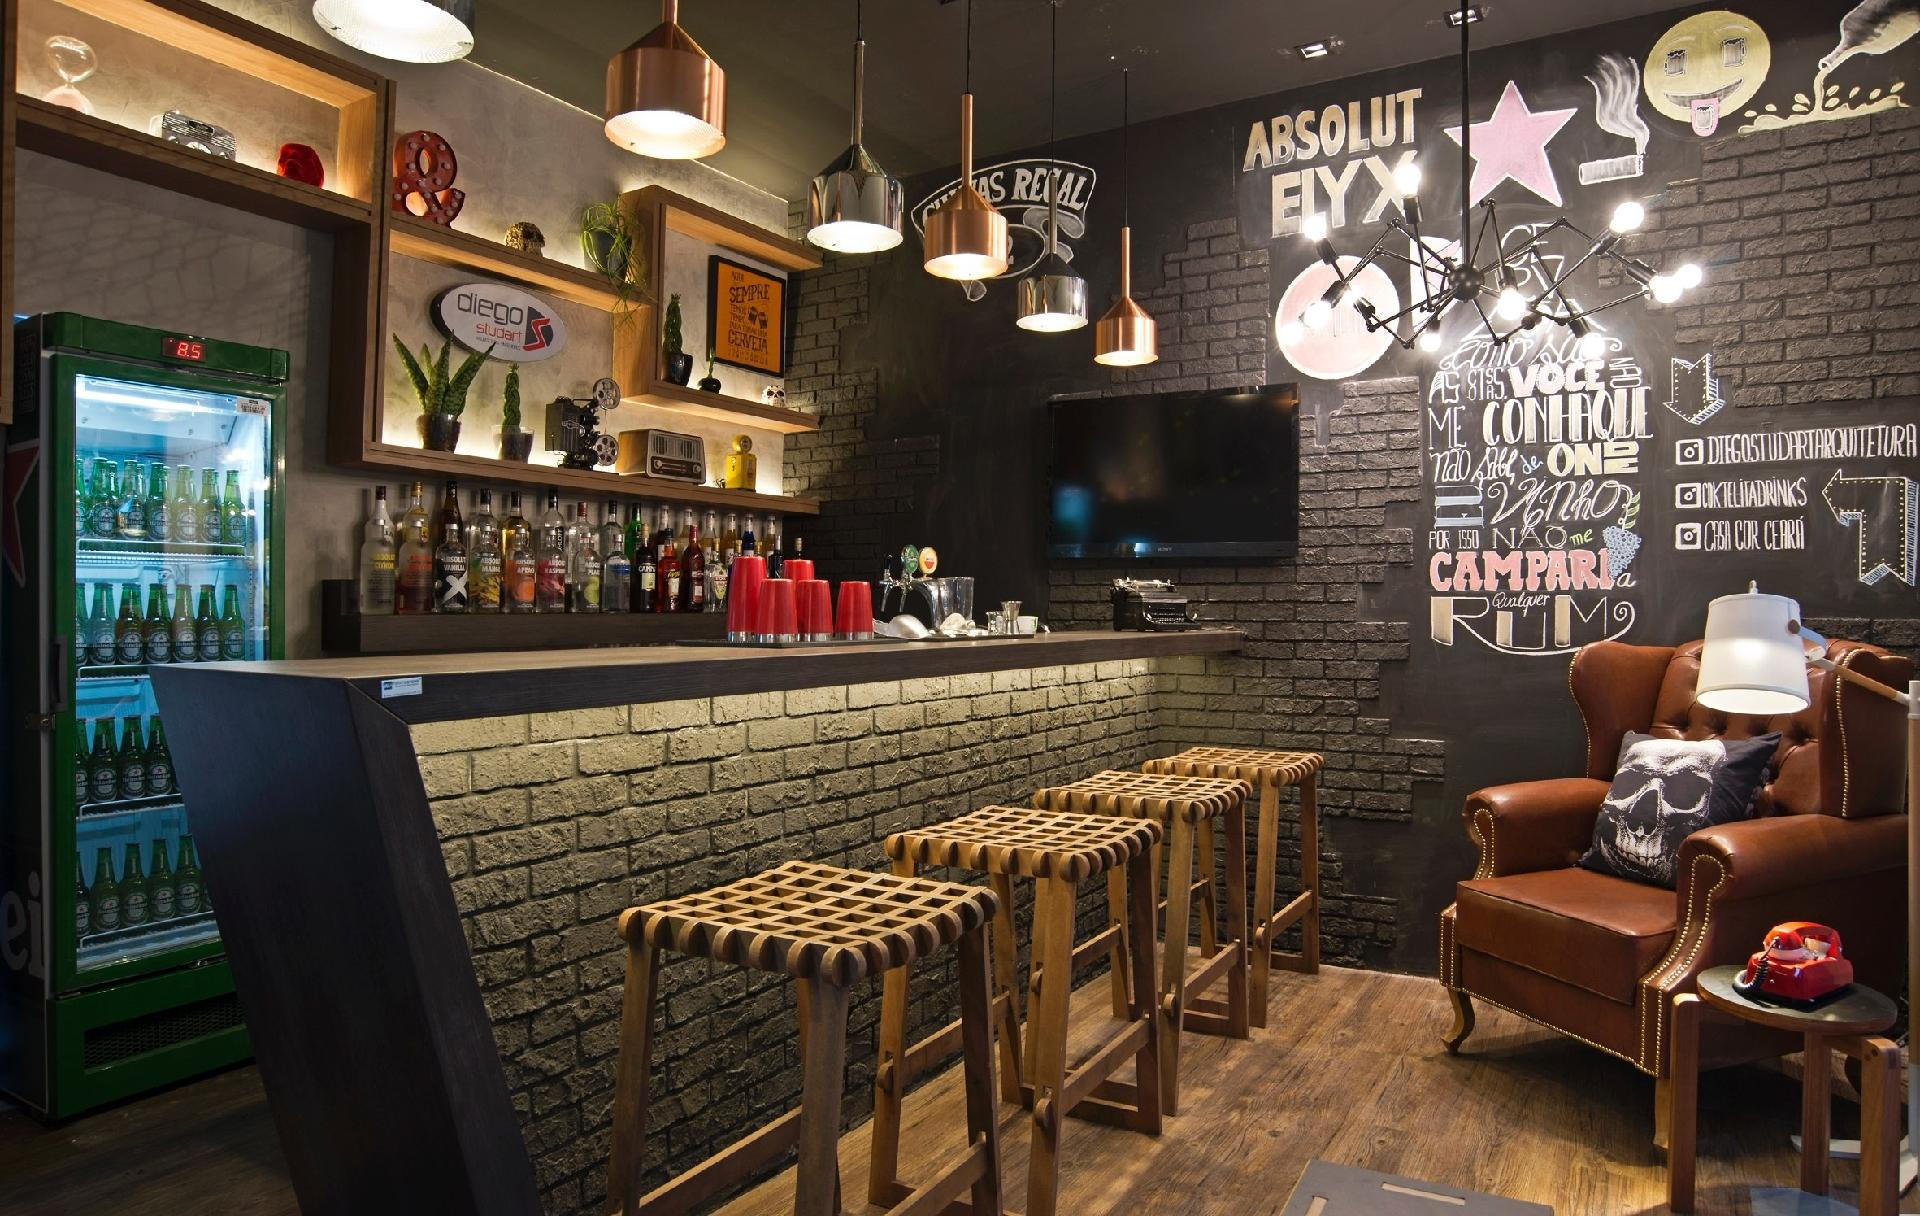 fotos pub irland s com toque brasileiro veja ideias para ambientes descolados uol universa. Black Bedroom Furniture Sets. Home Design Ideas